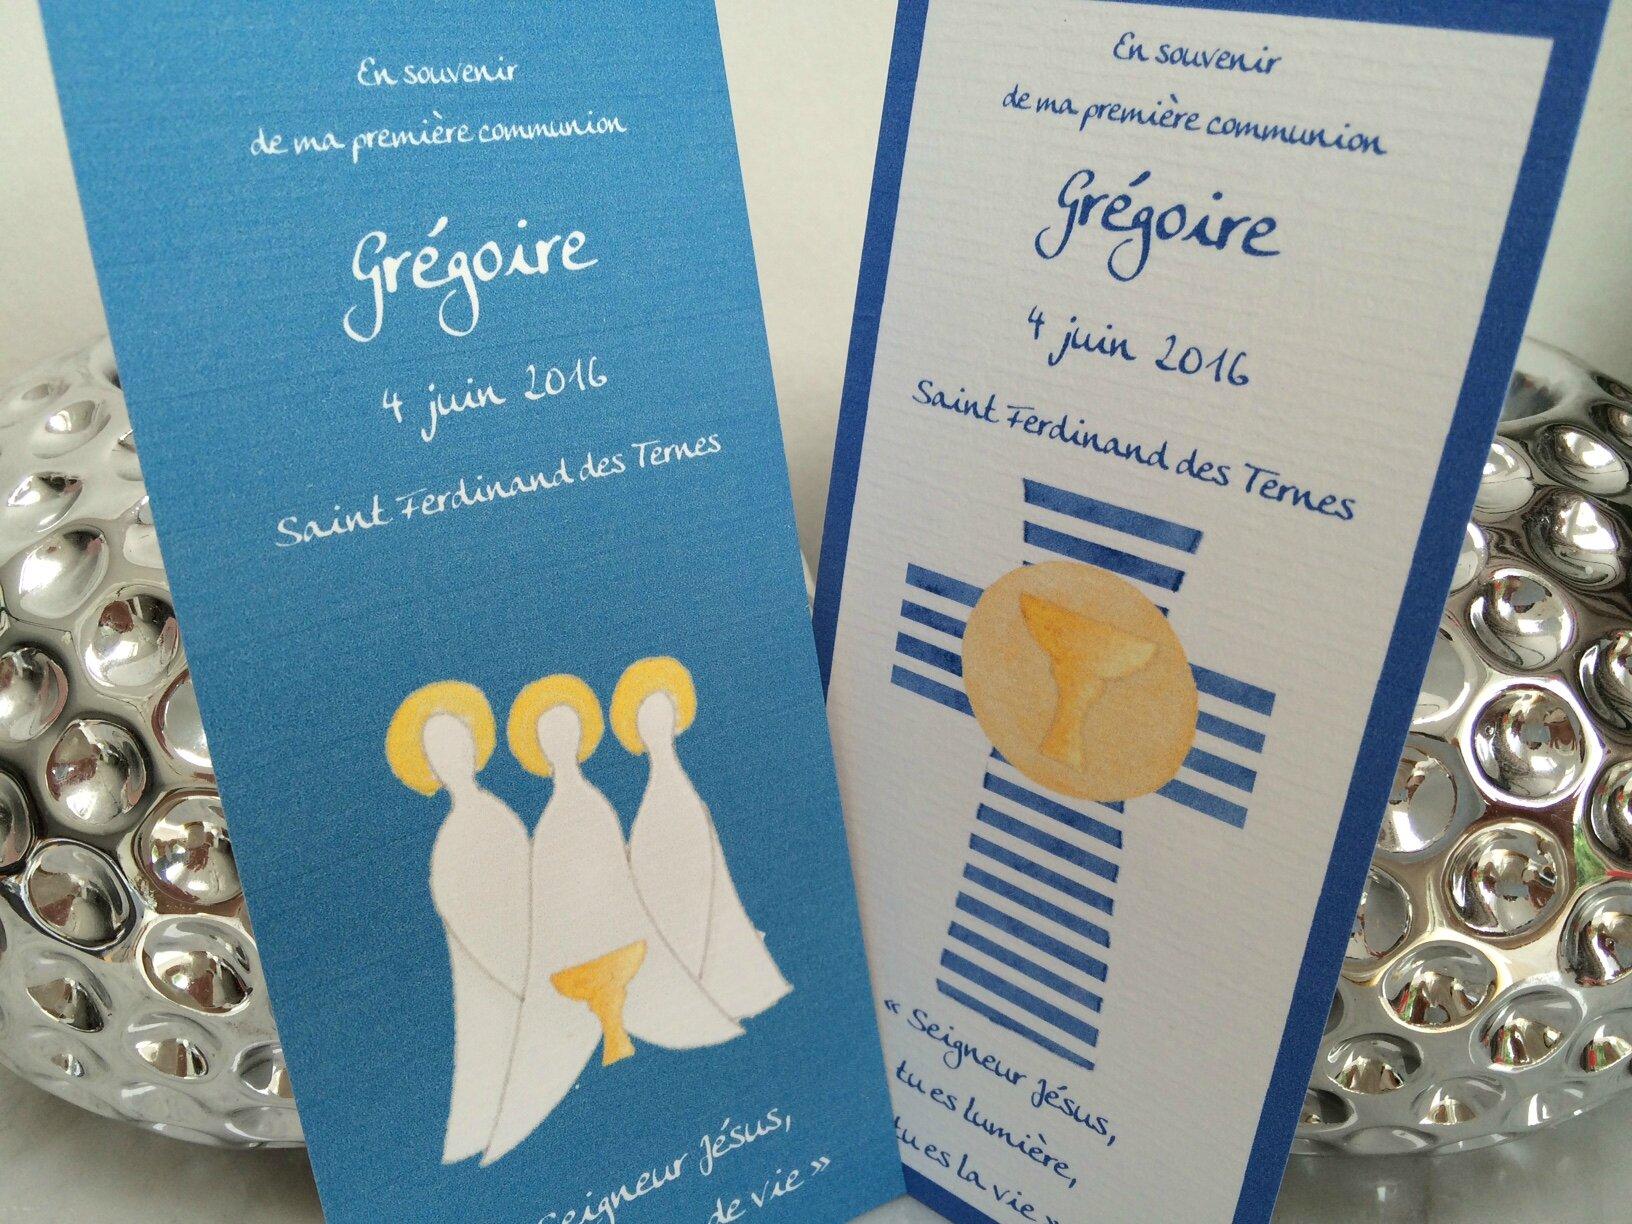 Signet de communion Grégoire 040616